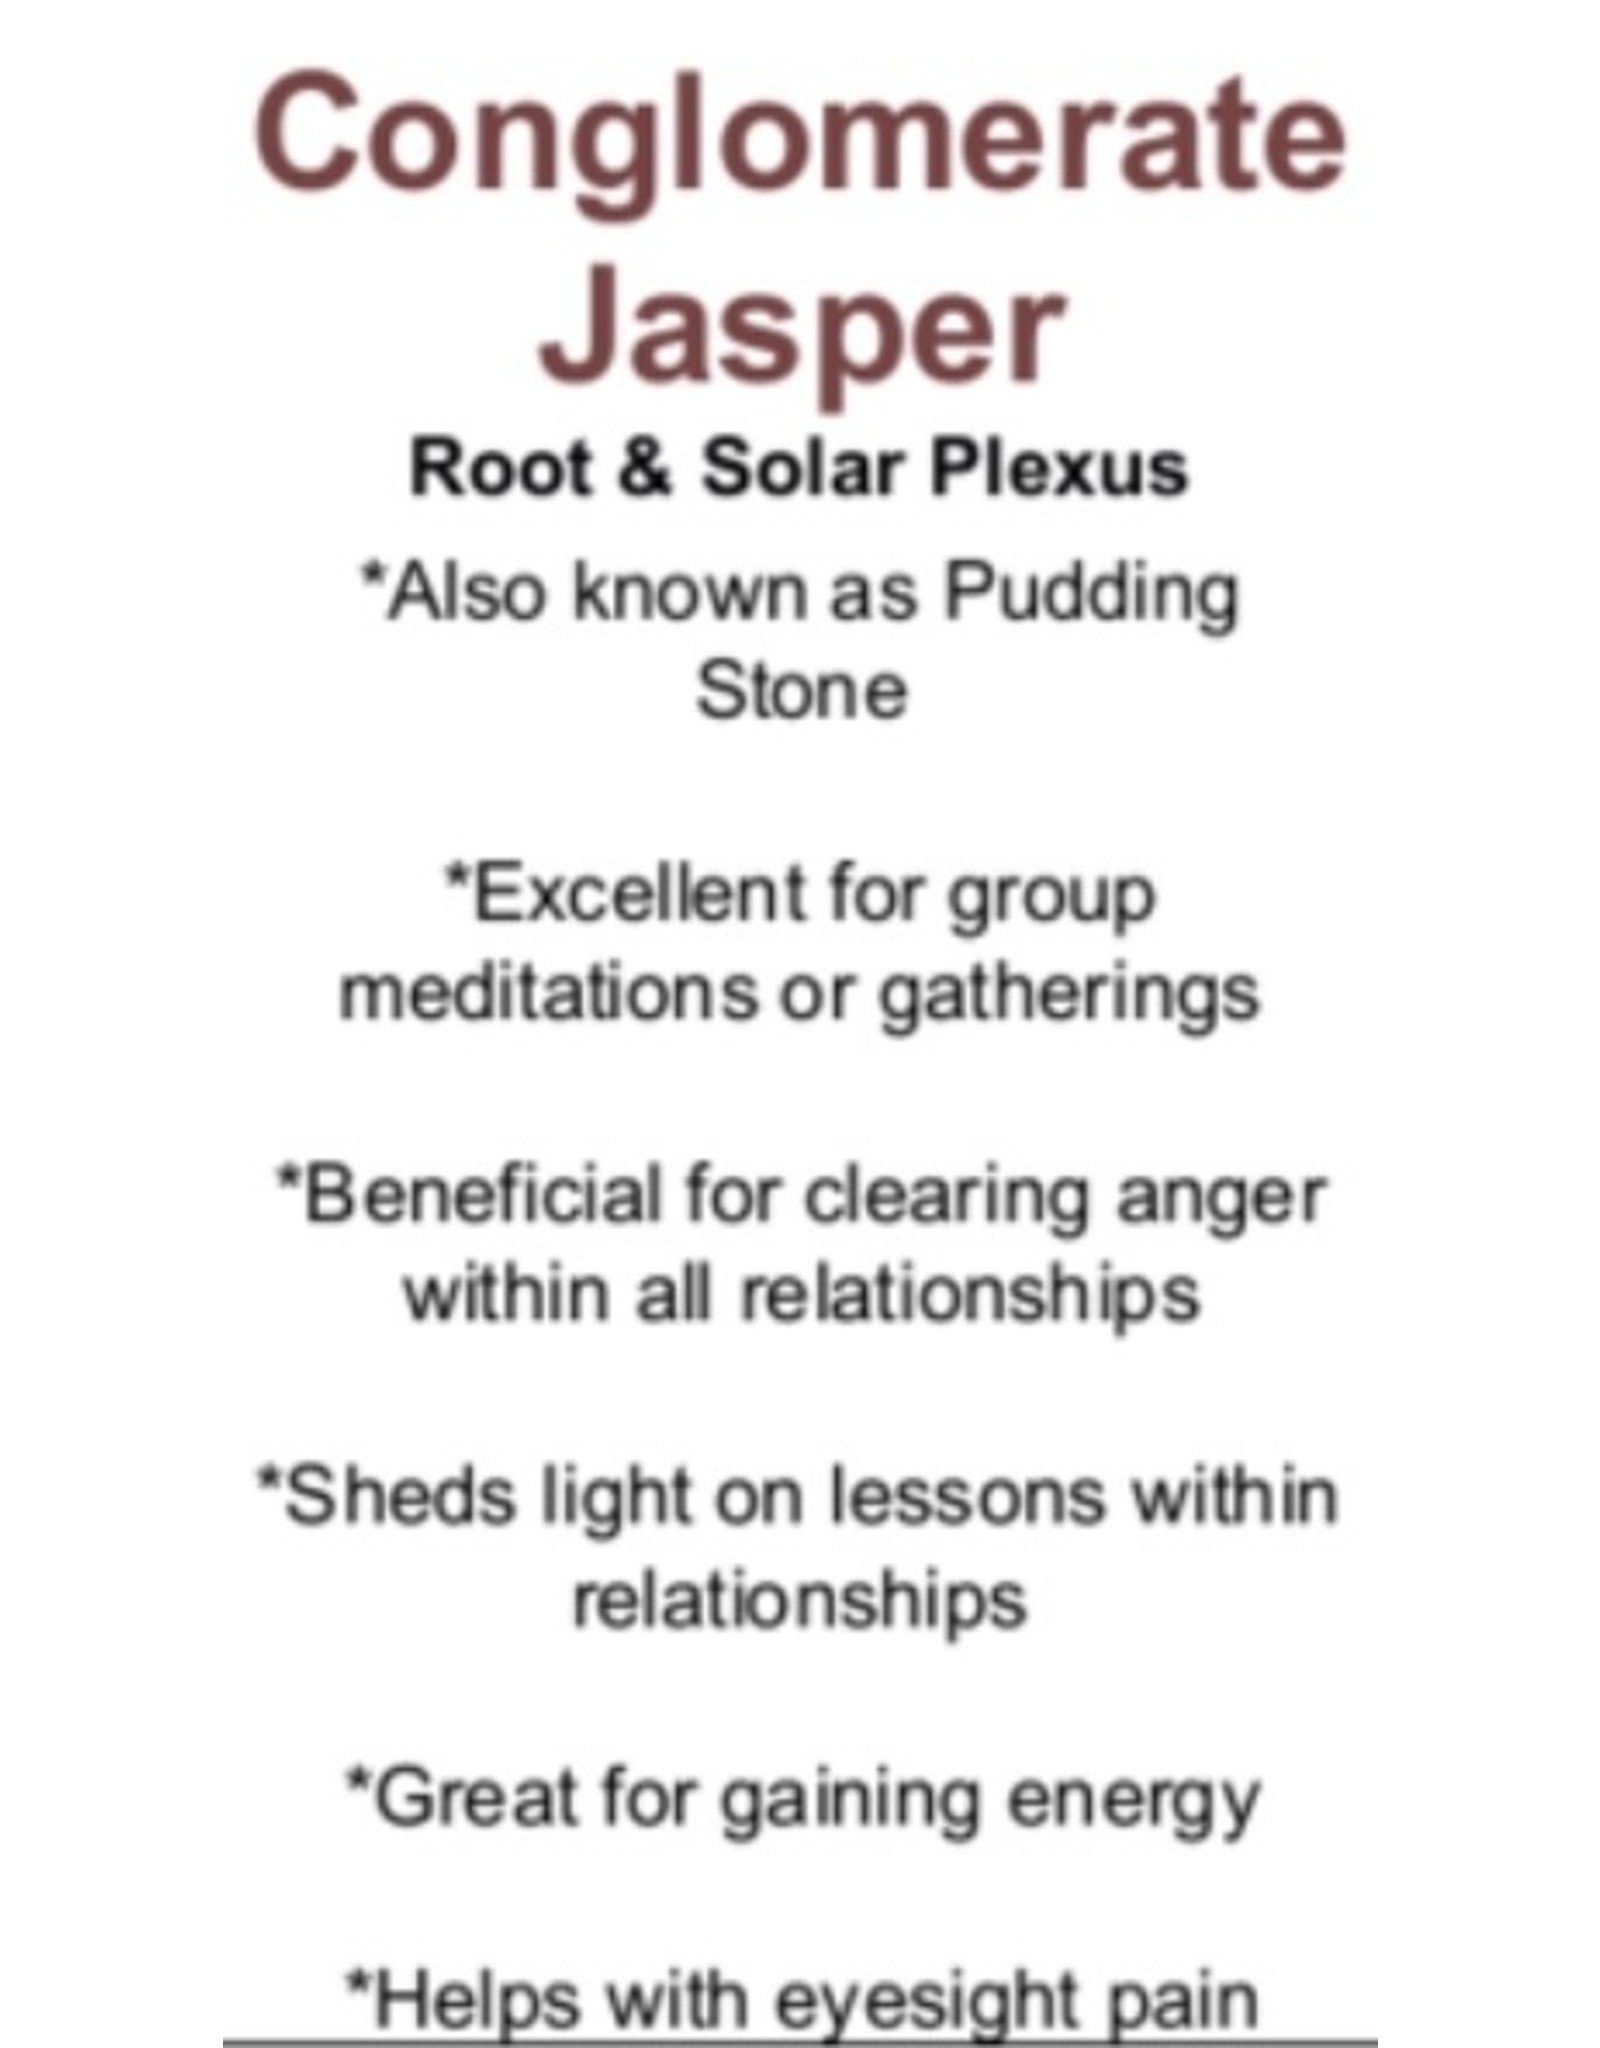 Conglomerate Jasper